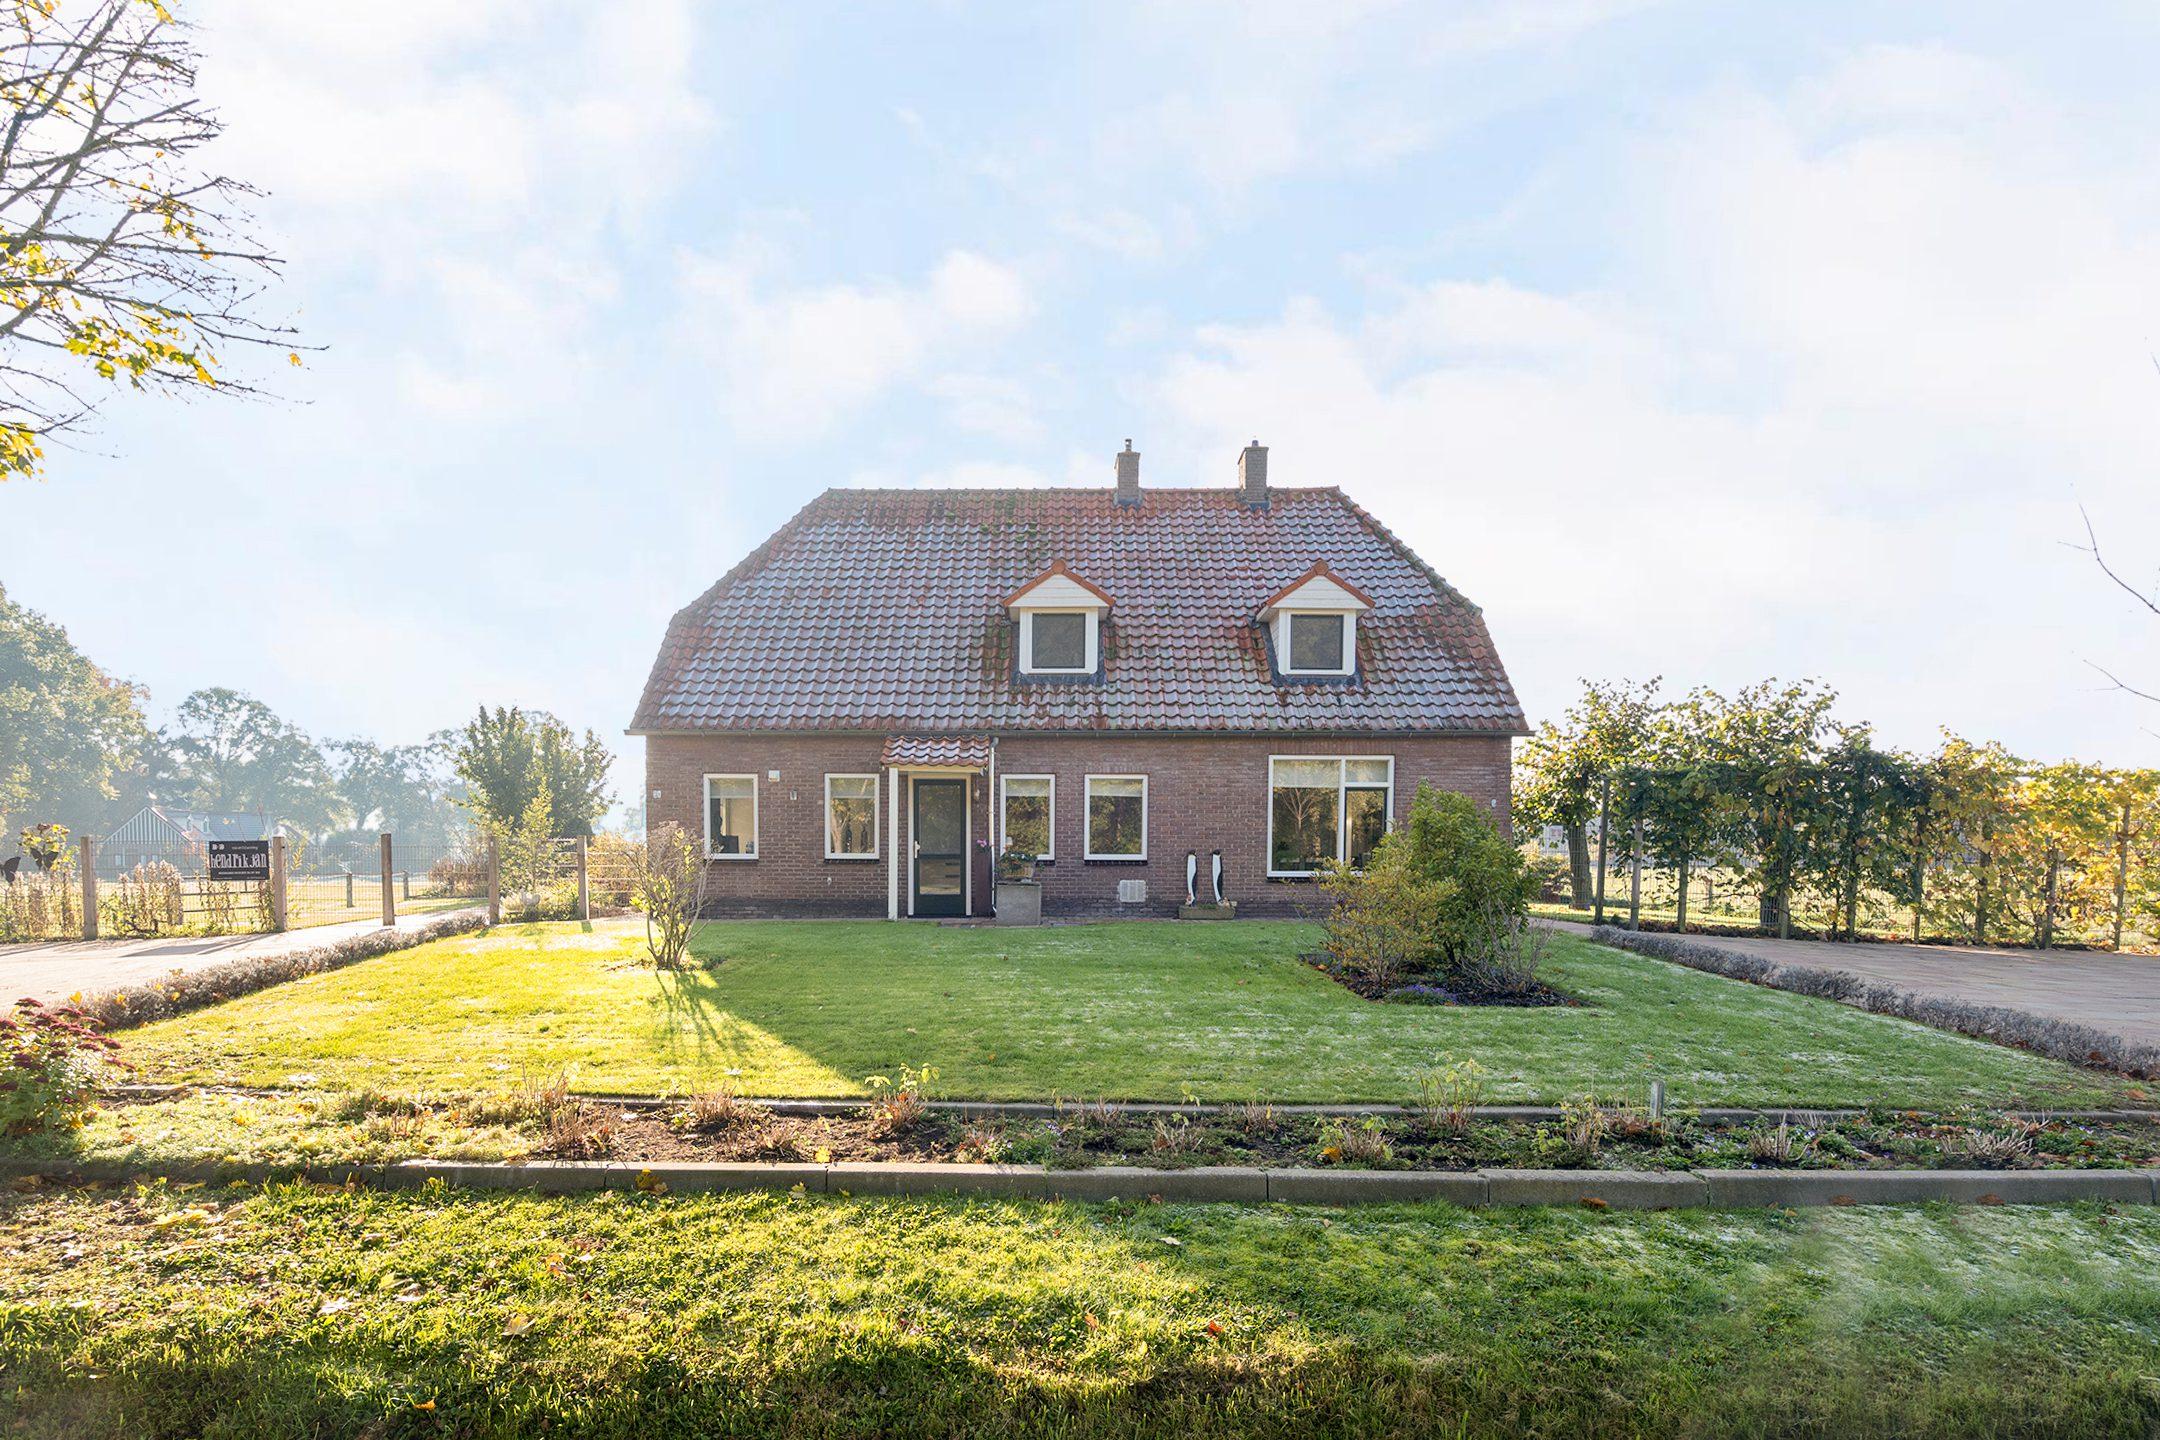 Woning met Gastenverblijf/B&B heeft ruimte, groen en rust in Dalfsen: het groenste dorp van Nederland